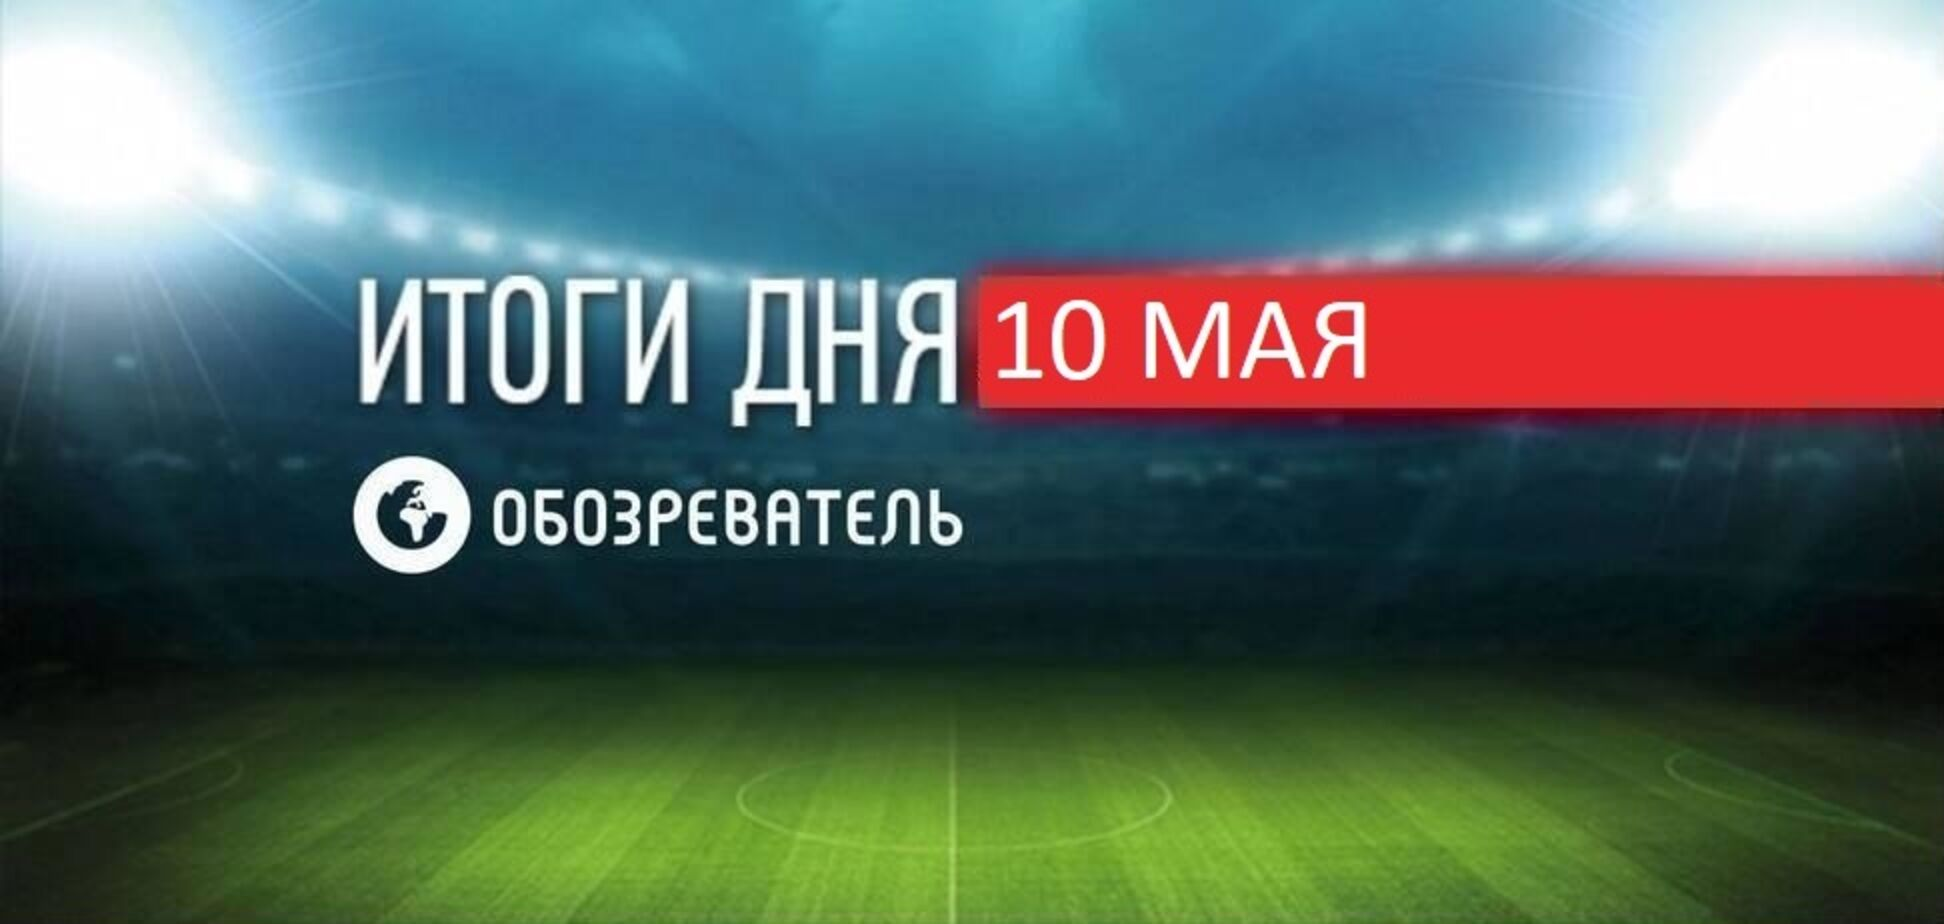 Новини спорту 10 травня: названо фаворита фіналу Ліги чемпіонів